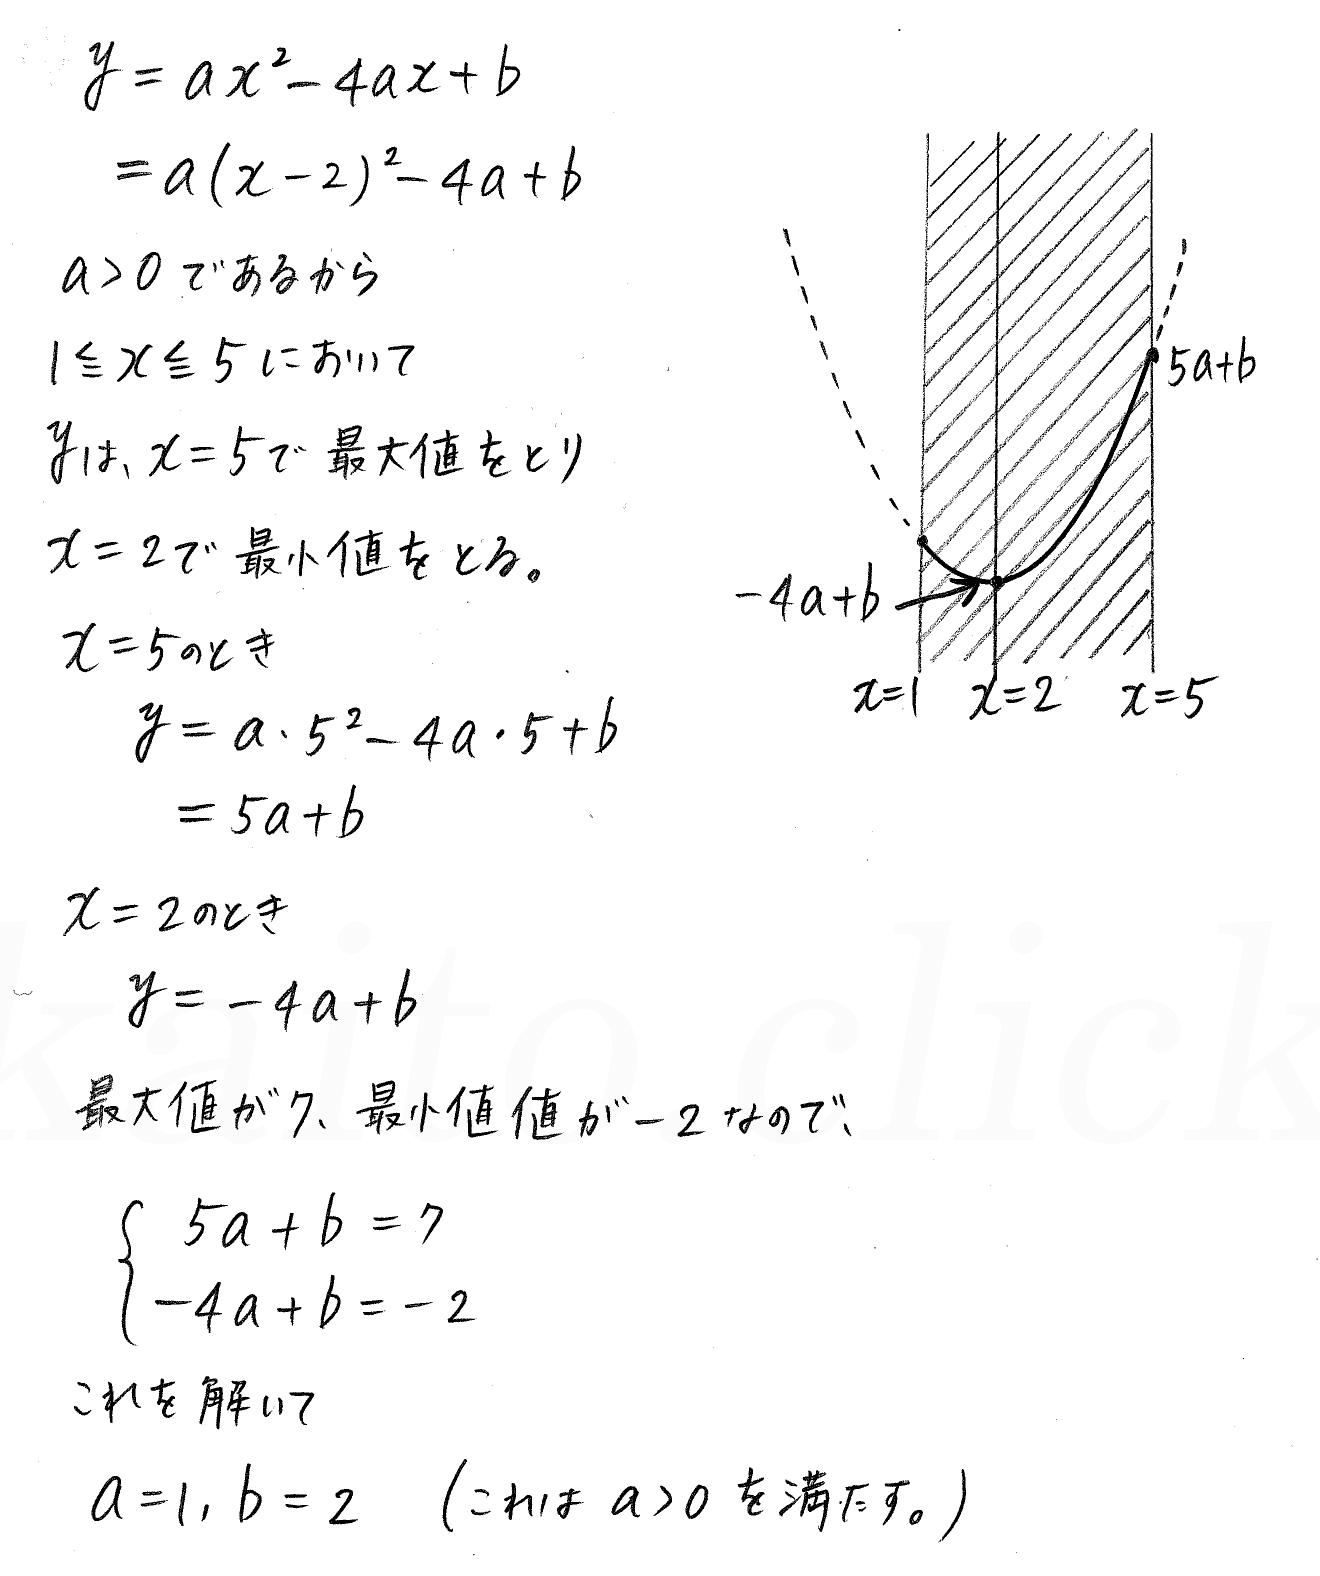 クリアー数学1-176解答